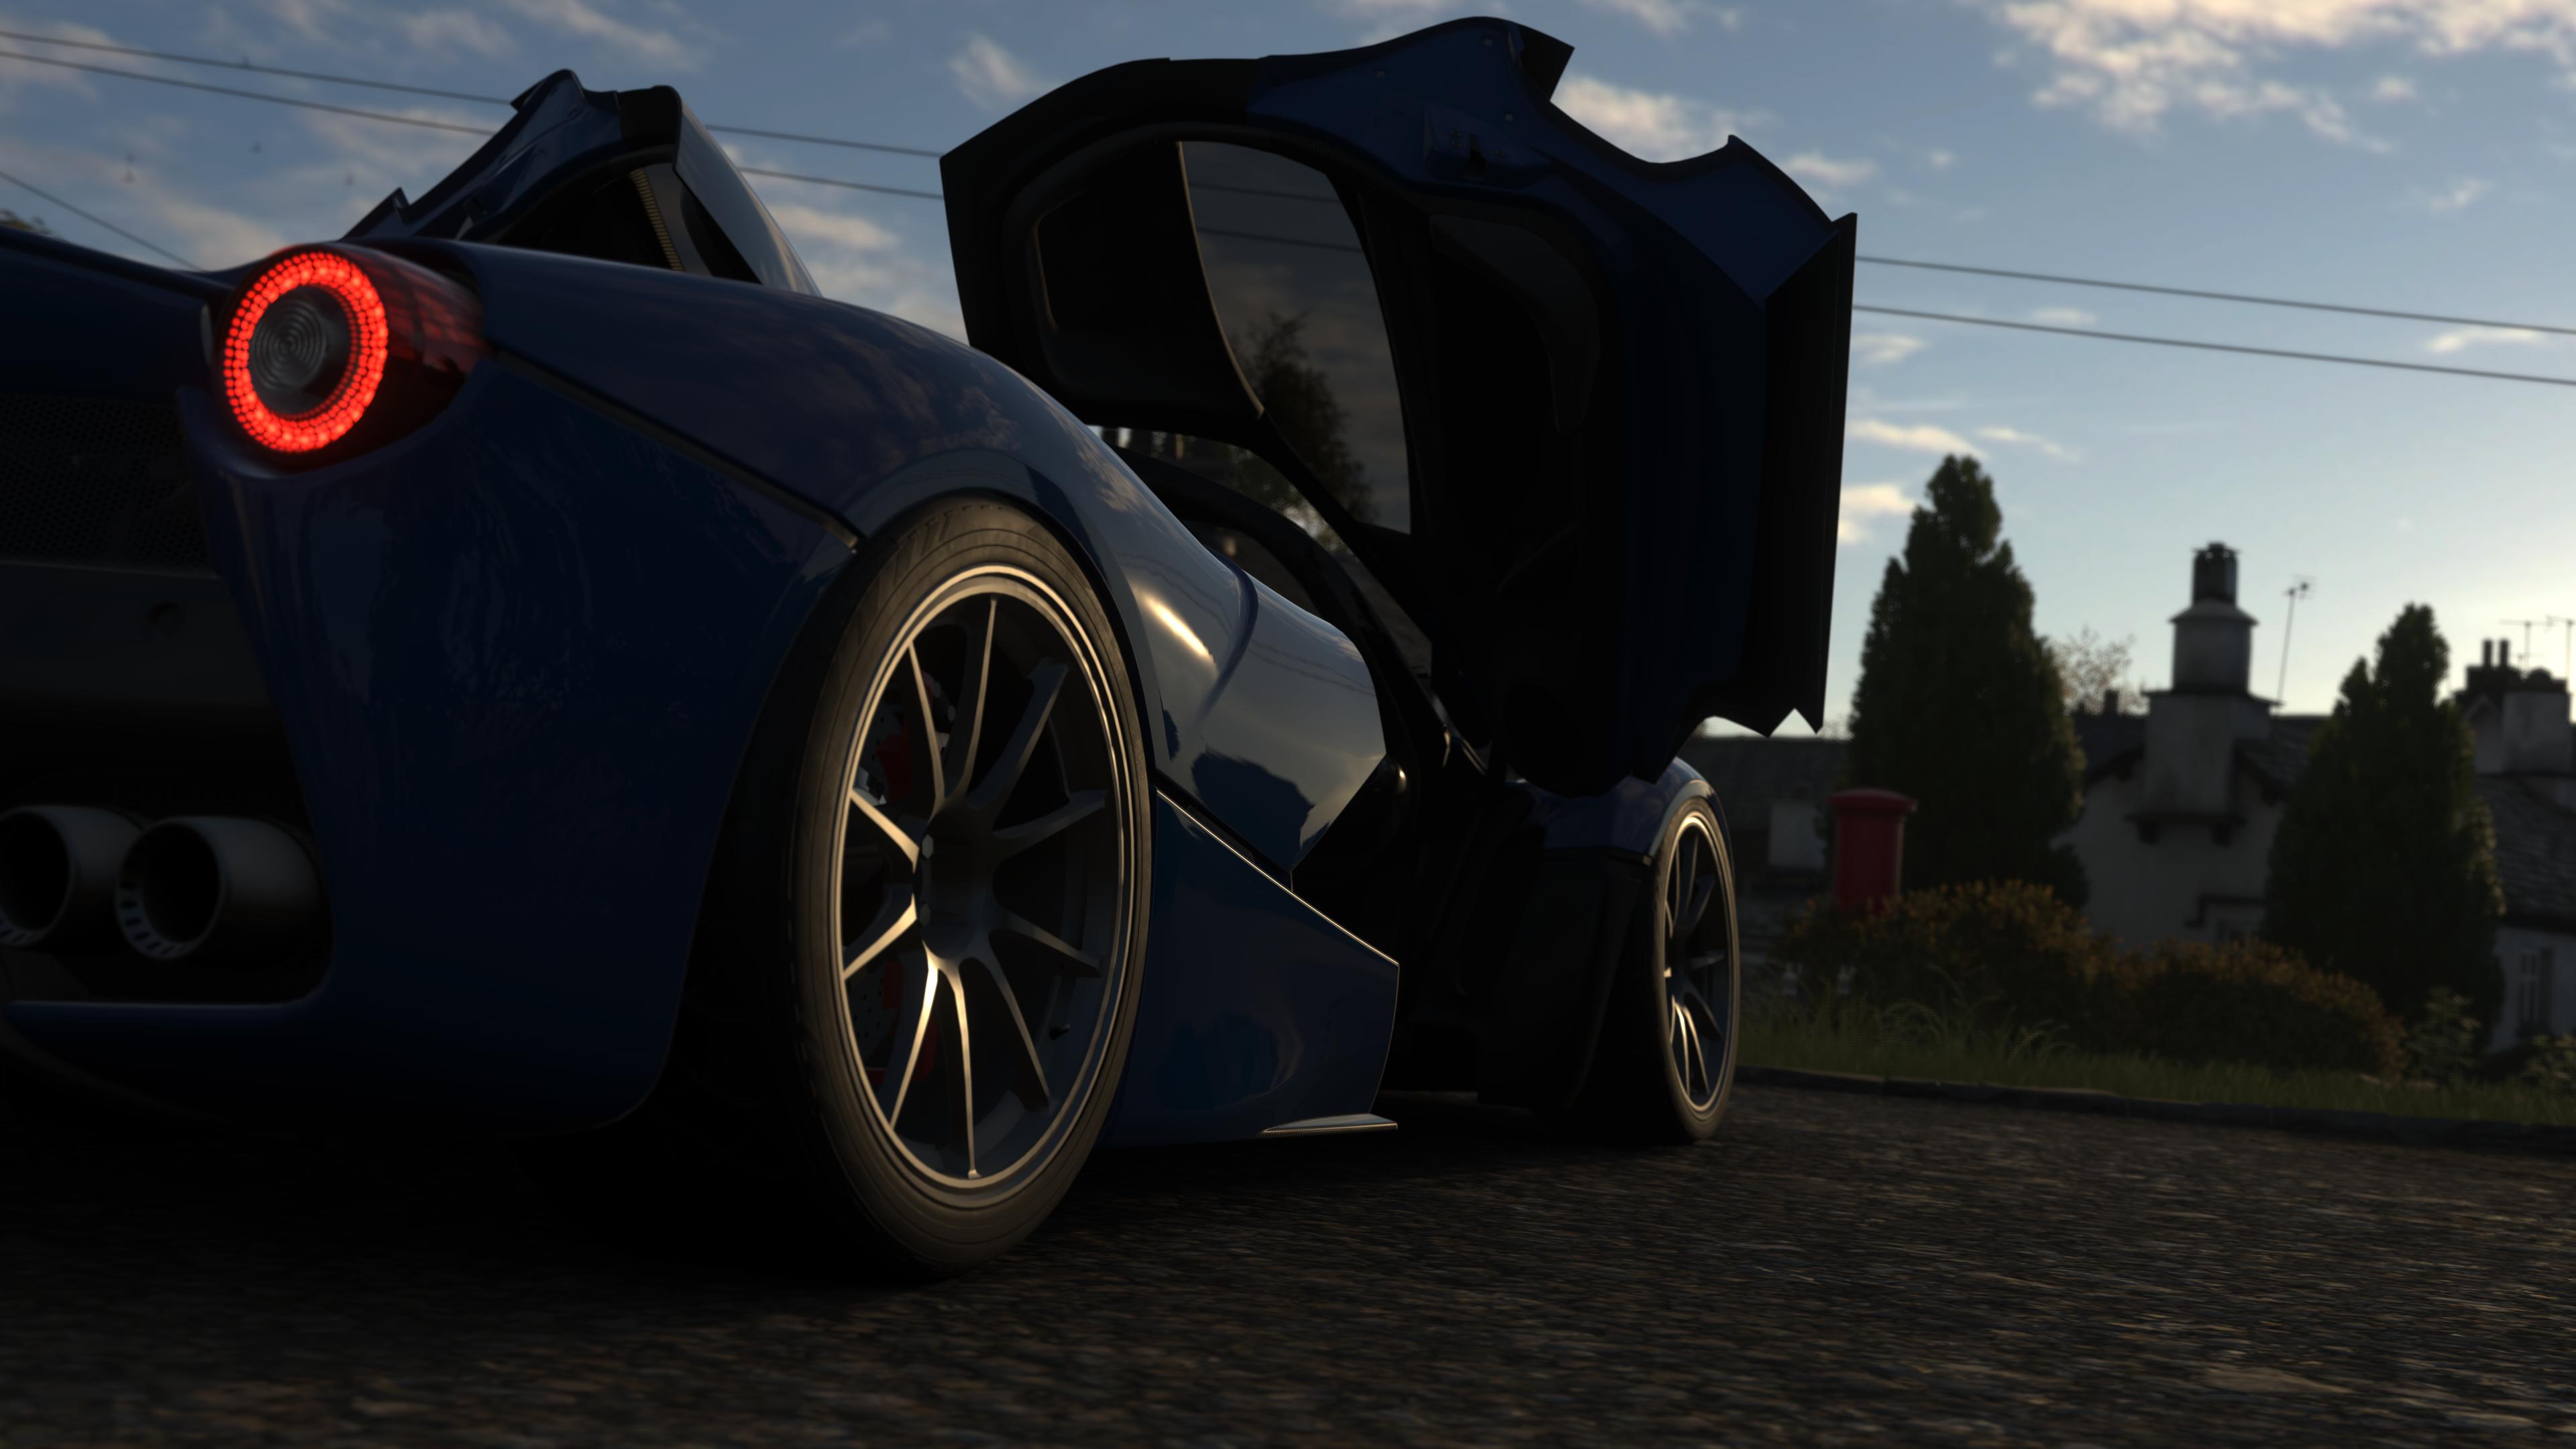 General 3840x2160 Forza Forza Horizon 4 car